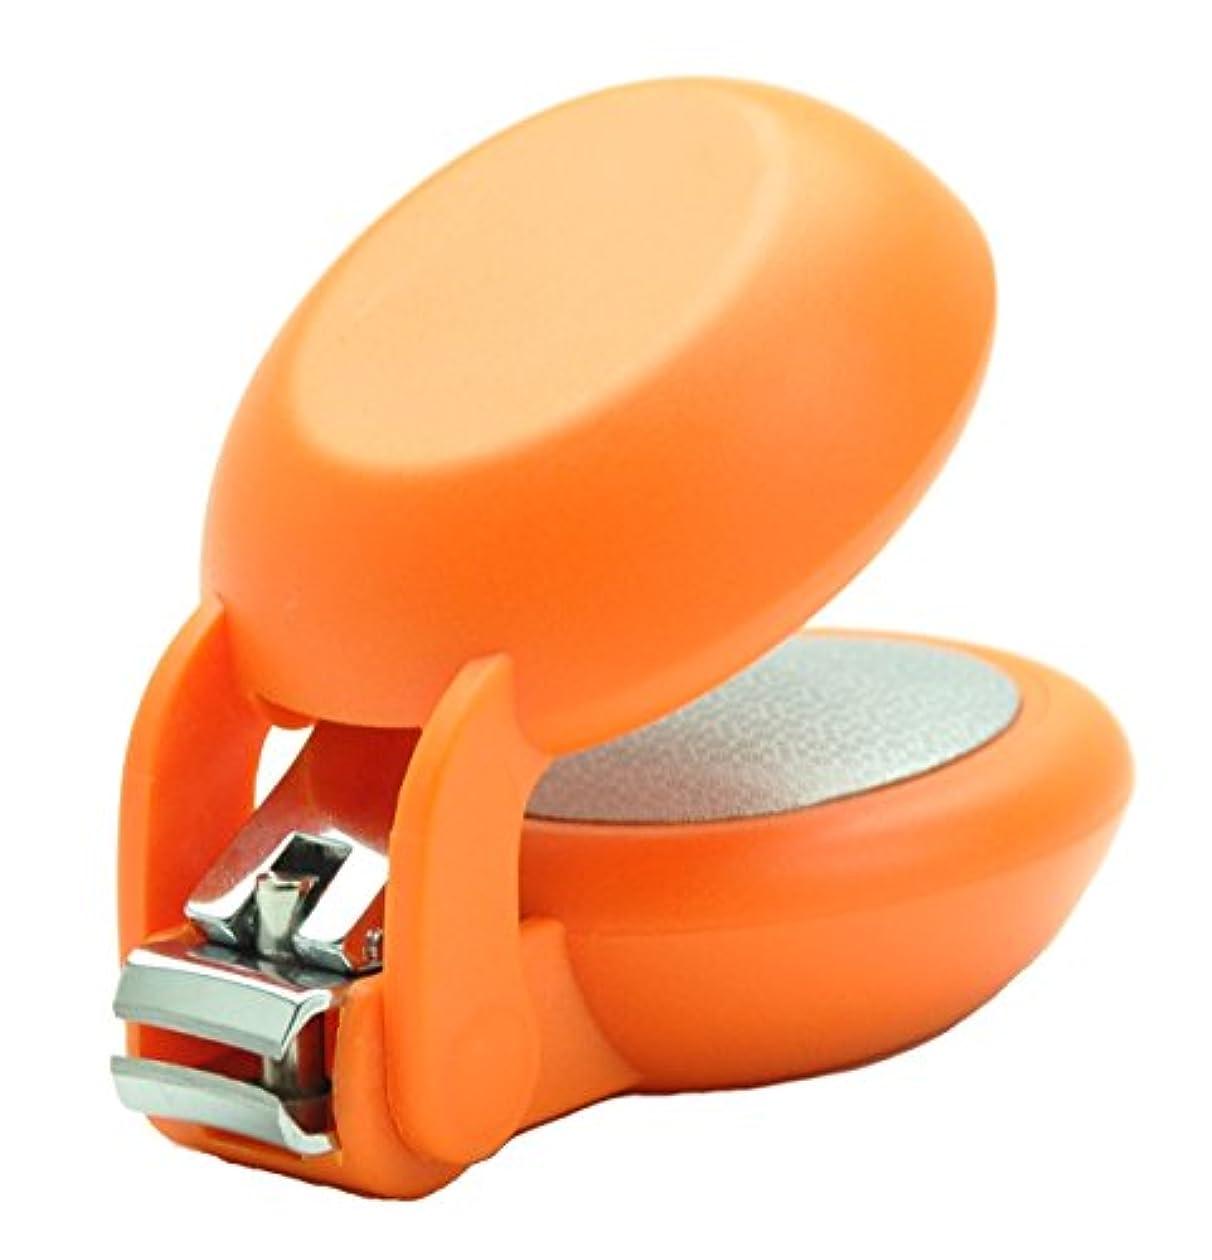 暗殺者議題分離爪切り nail clipper (ネイルクリッパー) Nail+ (ネイルプラス) Orange (オレンジ)